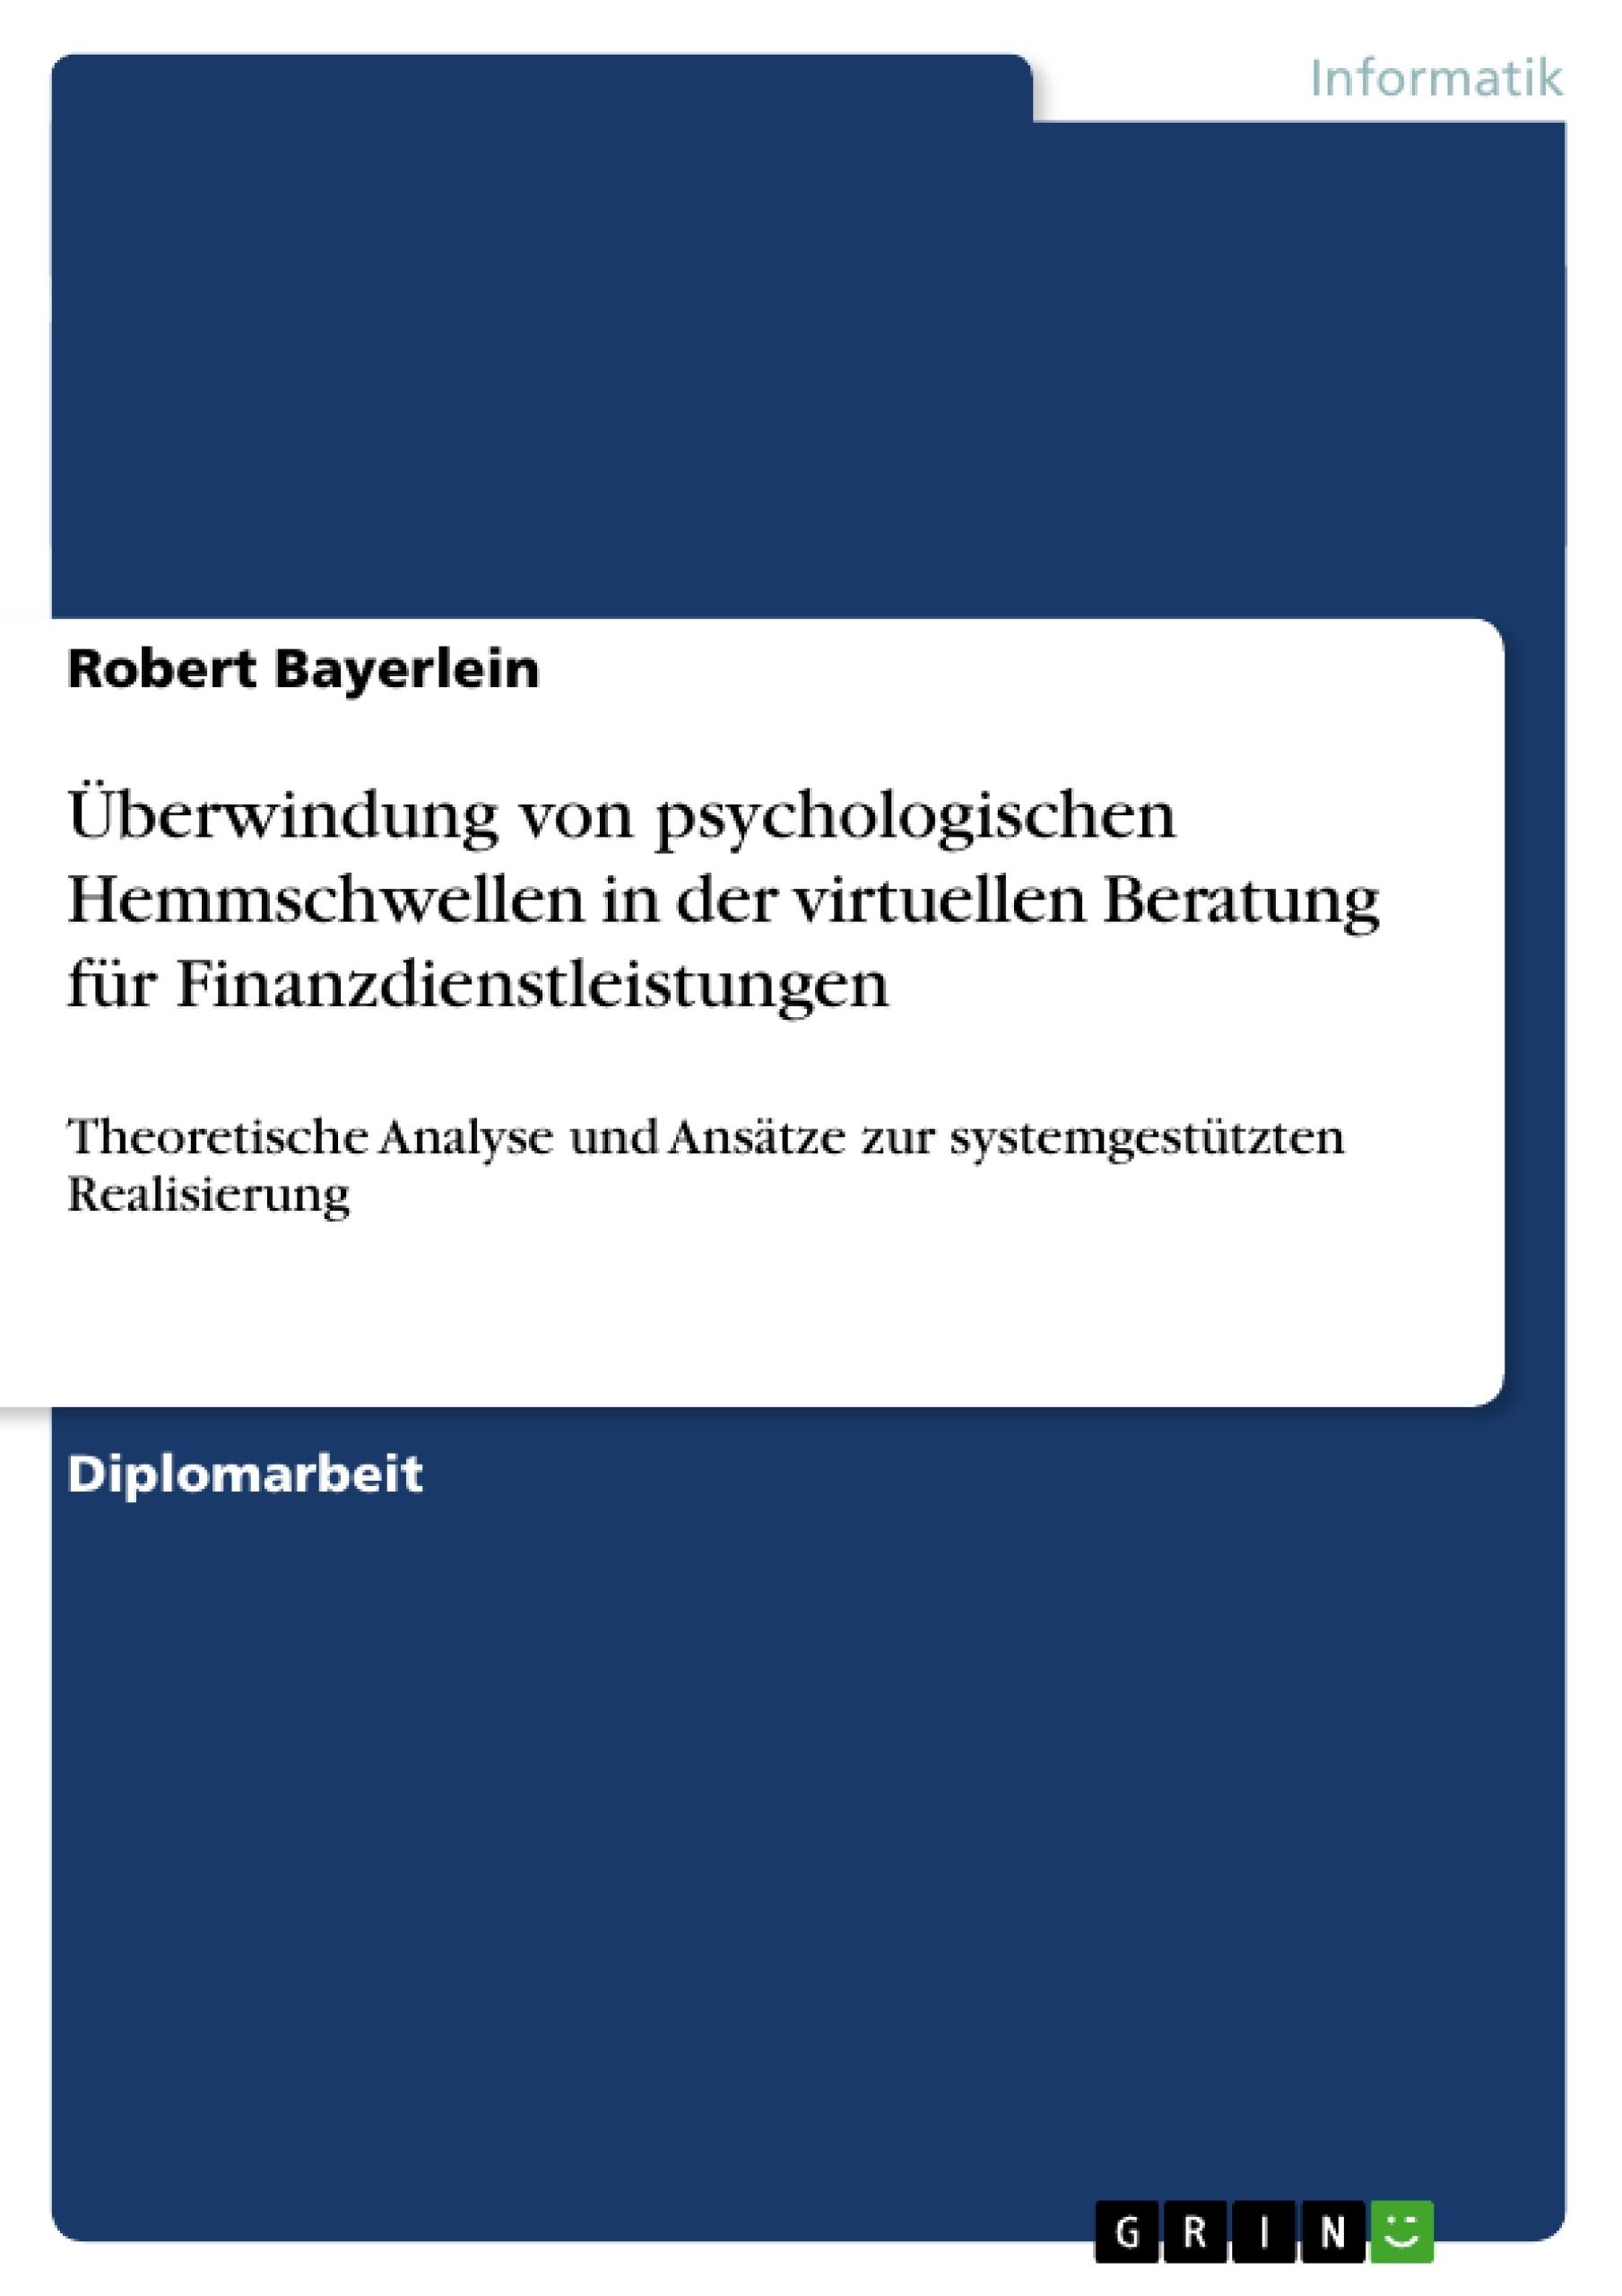 Titel: Überwindung von psychologischen Hemmschwellen in der virtuellen Beratung für Finanzdienstleistungen